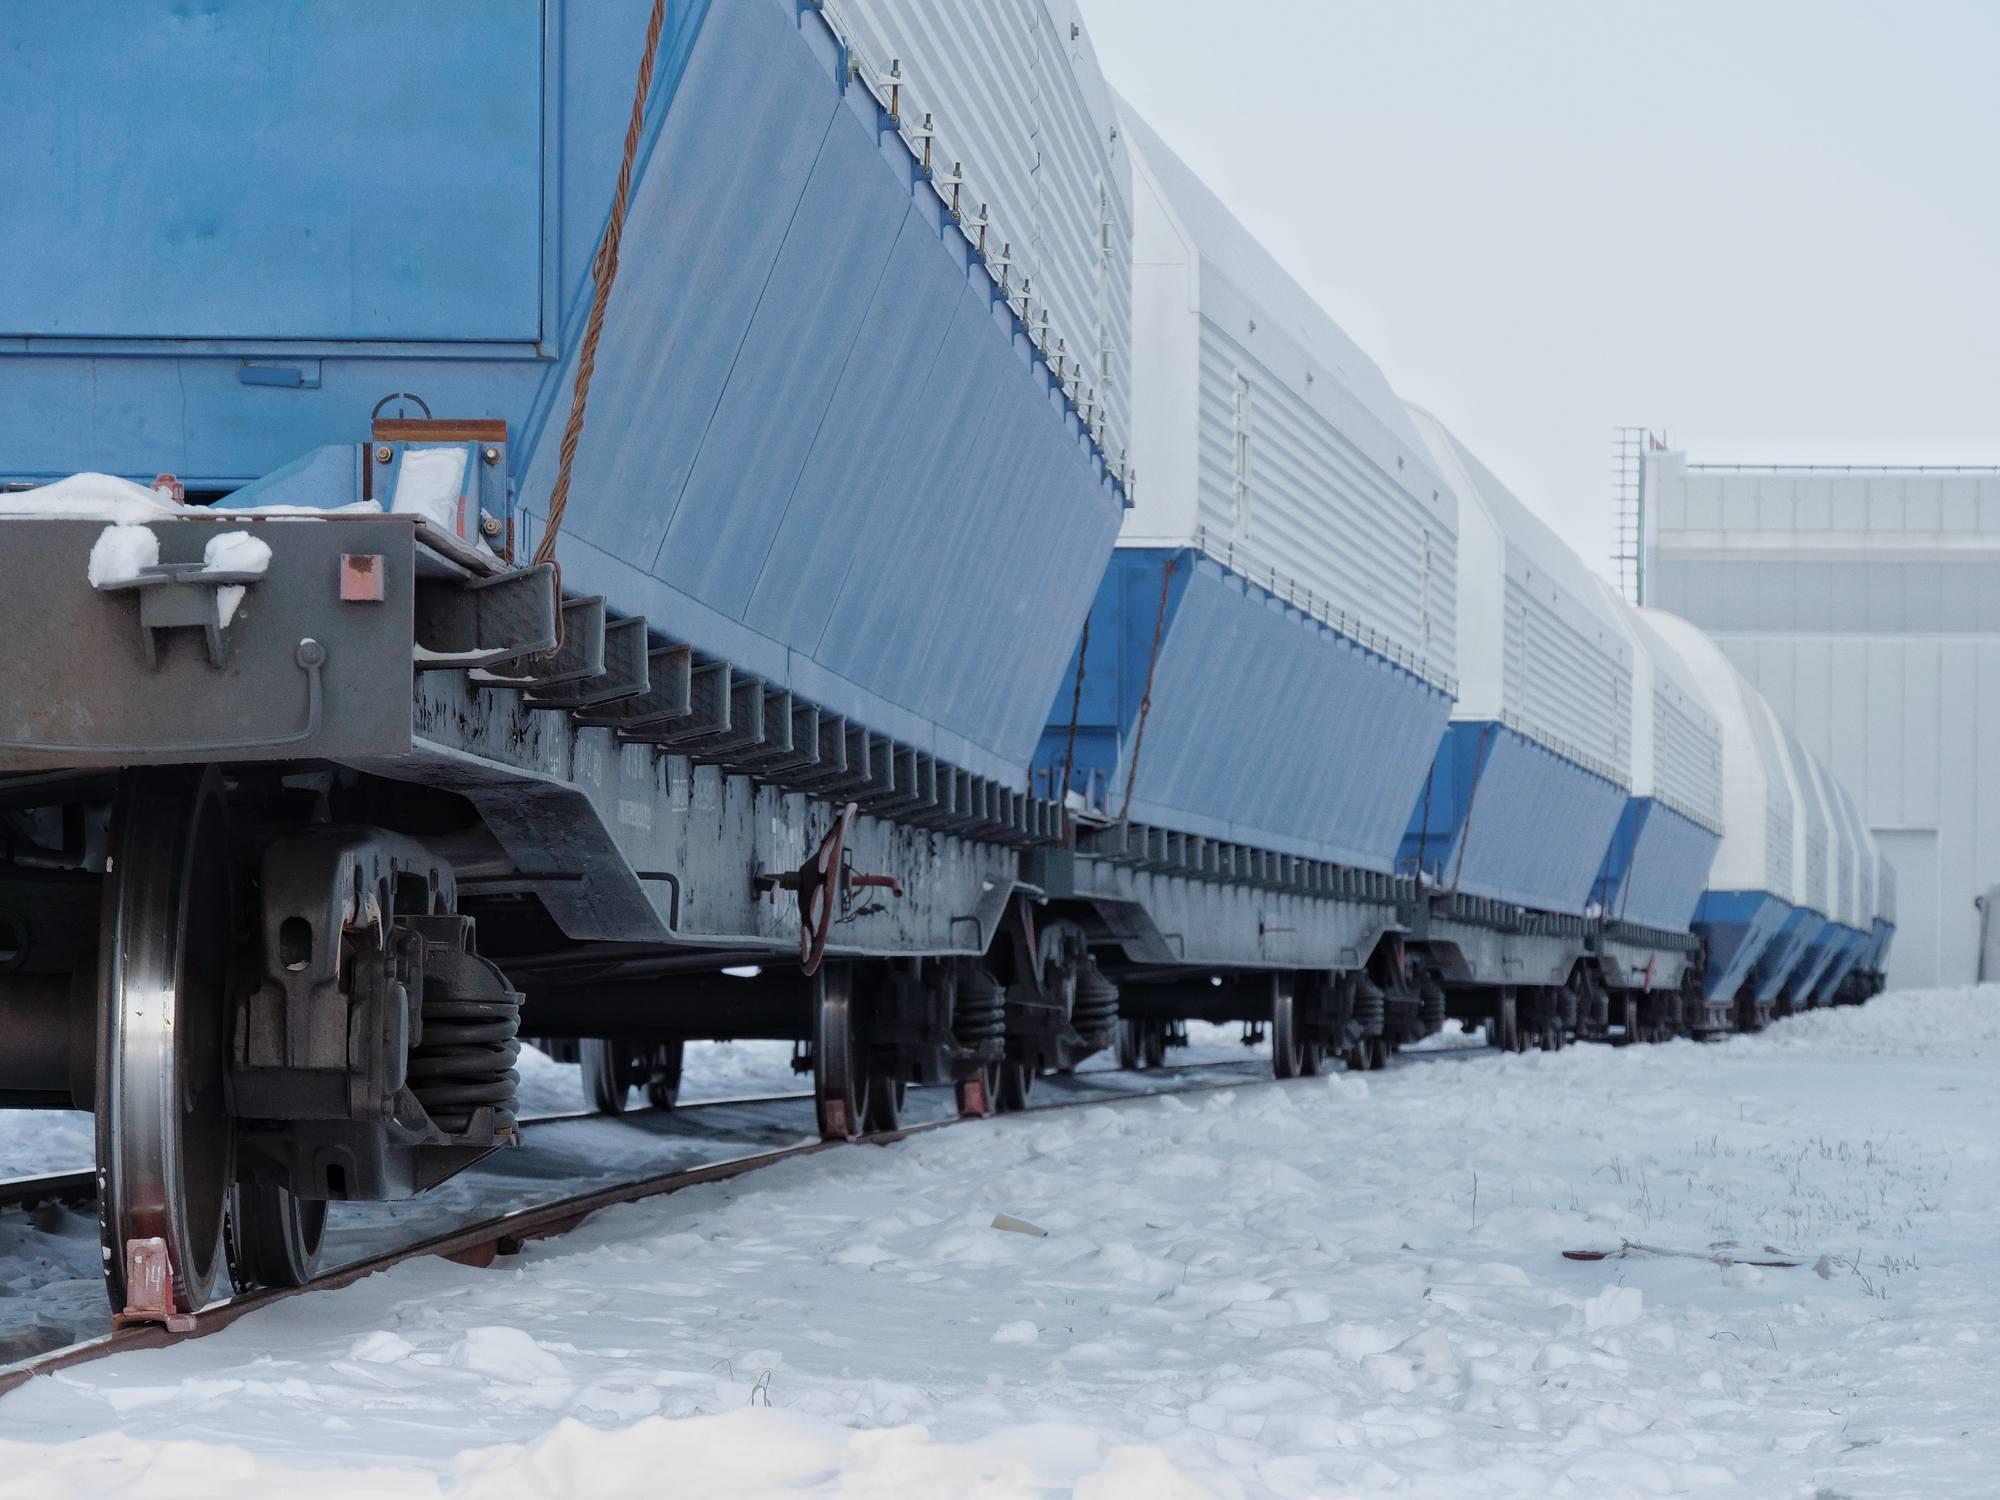 Le train transportant des élément du lanceur Soyouz près des bâtiments du MIK à Vostochny.